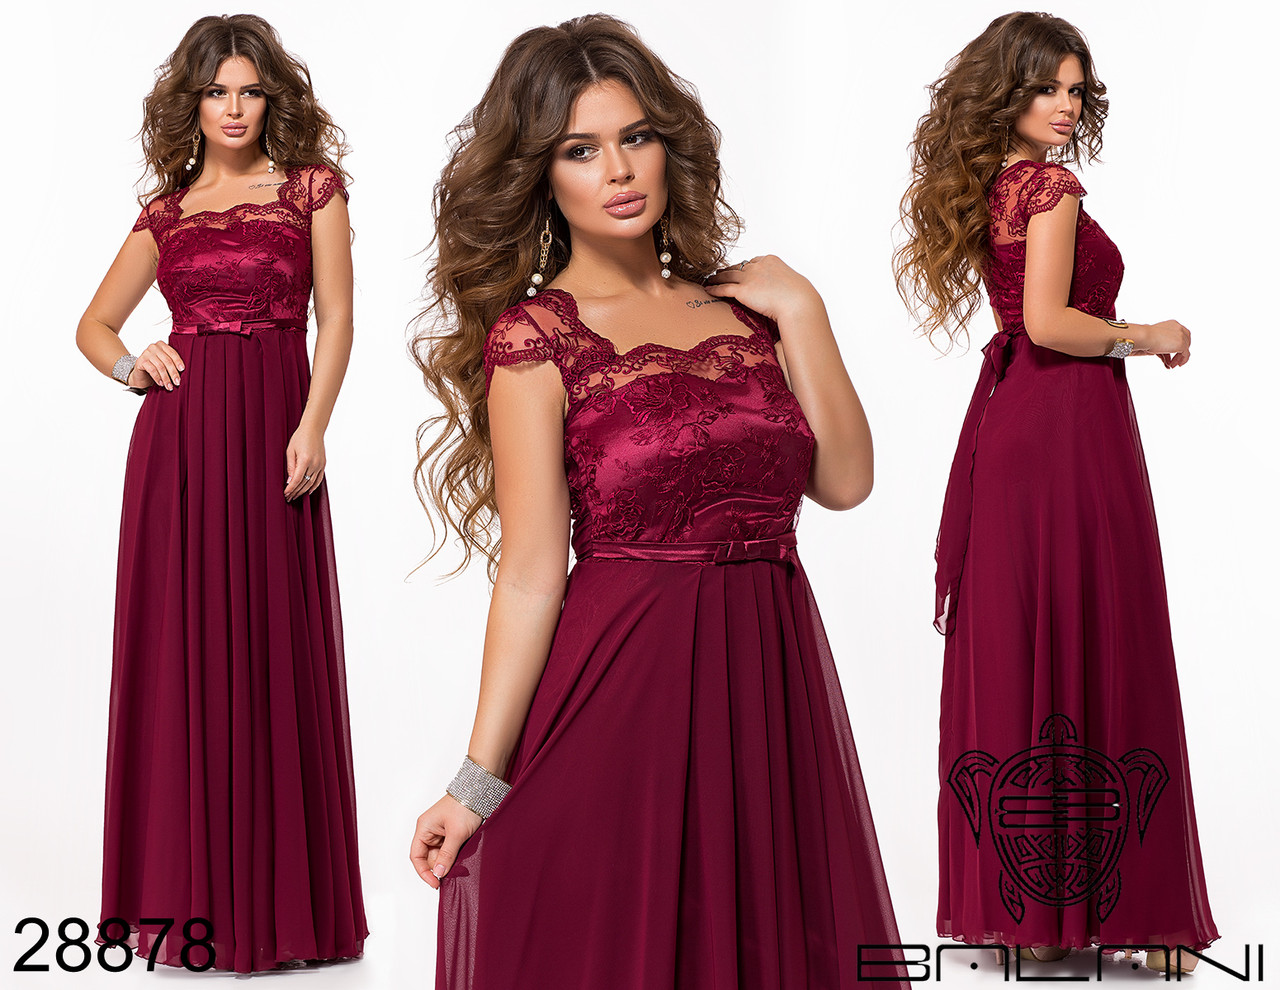 e8704ab2103 Купить Нежное вечернее платье в пол с вышивкой по сетке размеры S-L ...